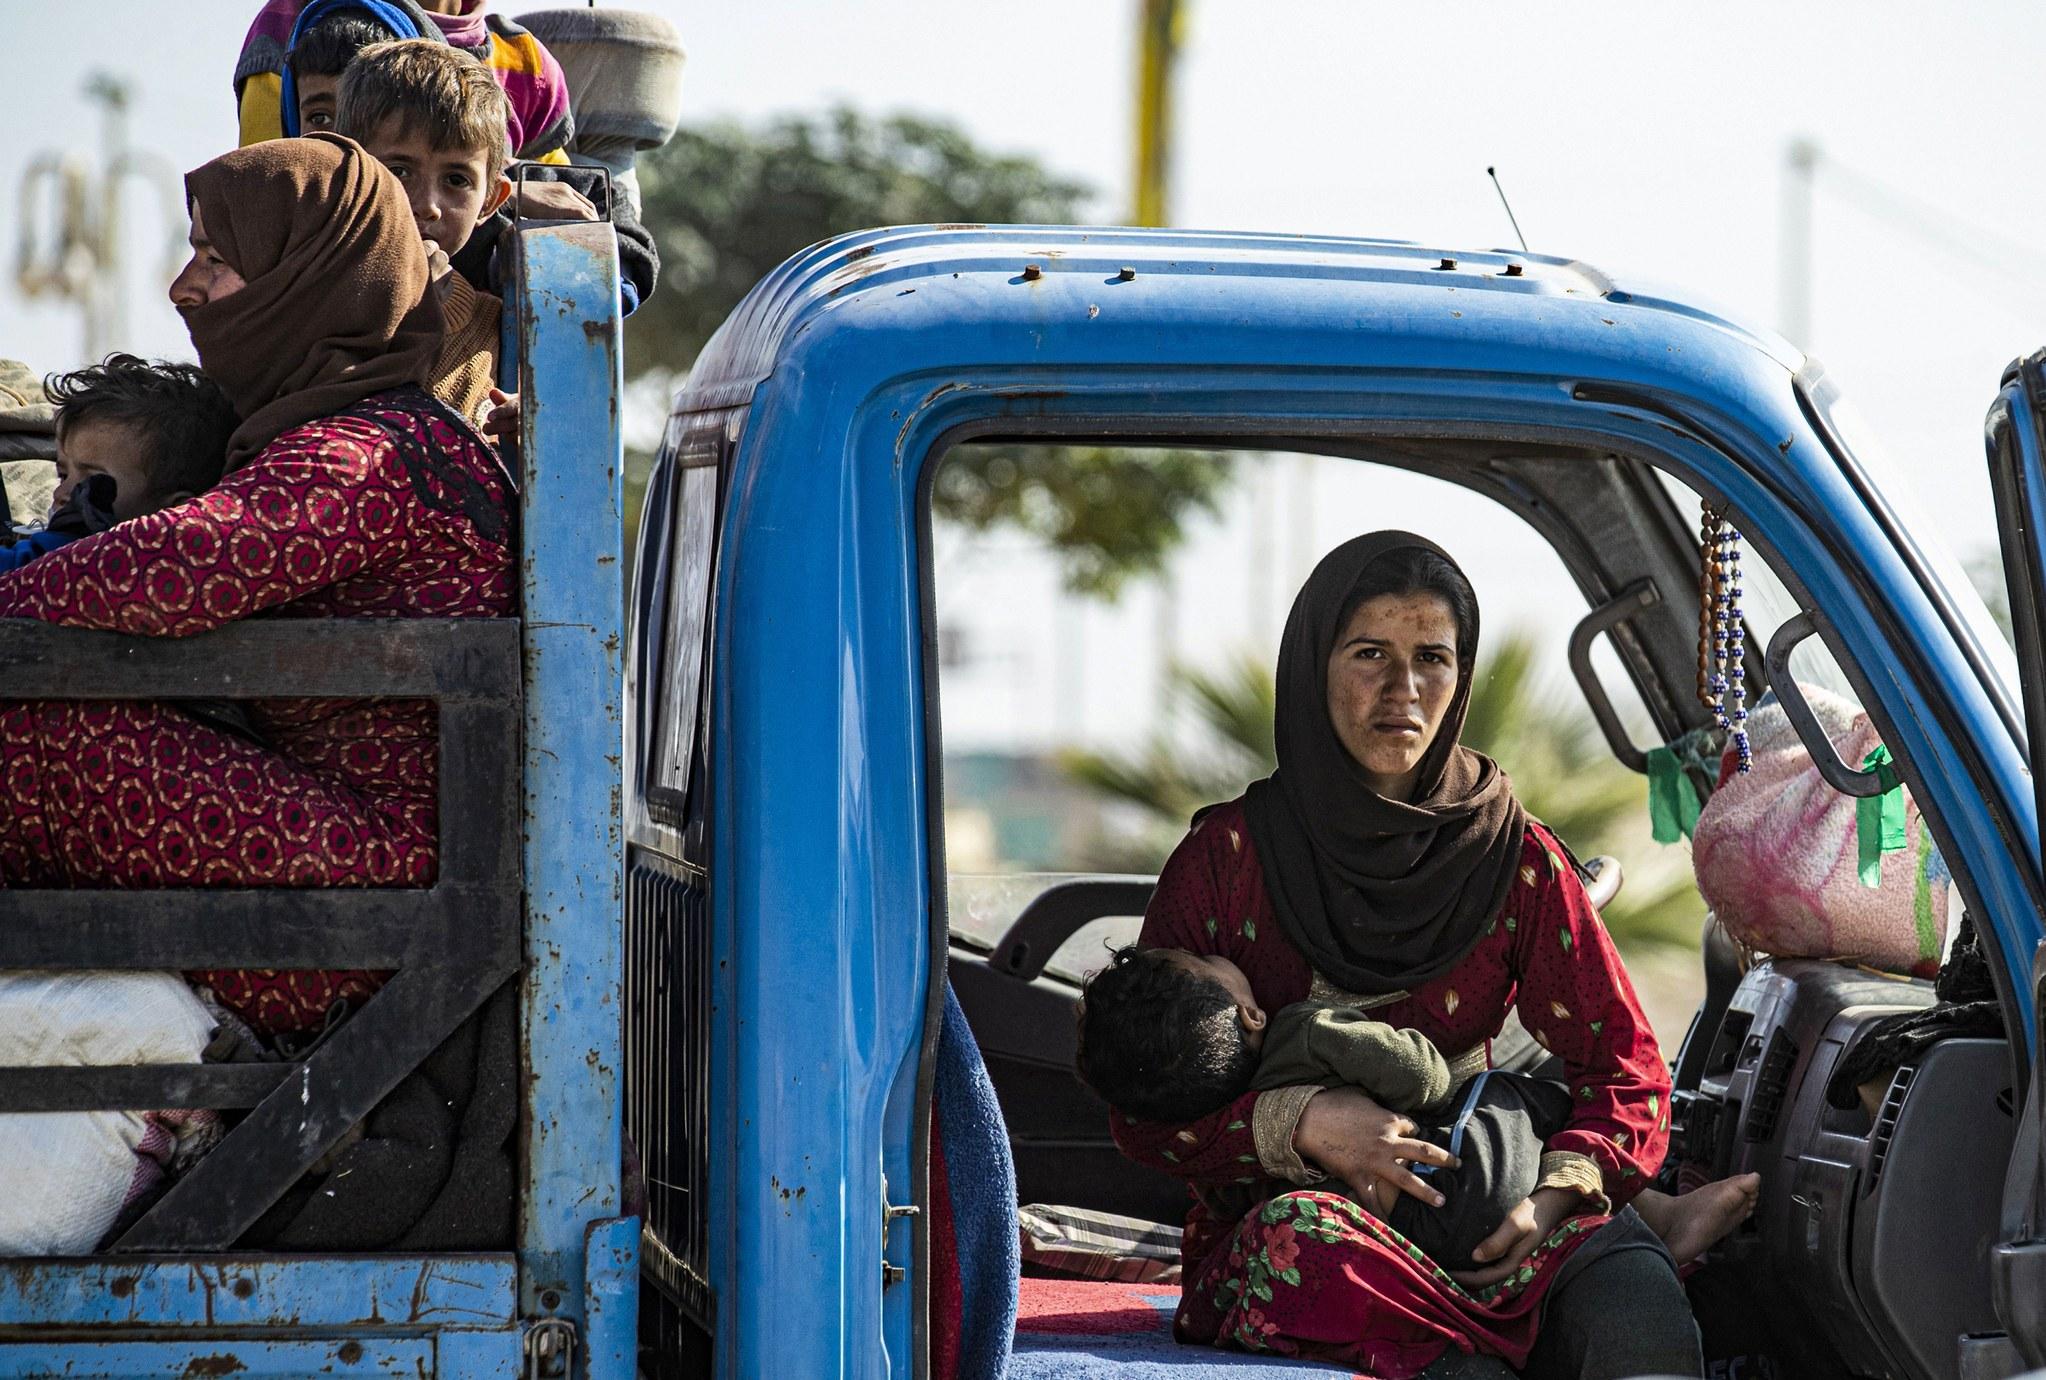 كوردستان تعلن احصائية جديدة للاجئين السوريين الى الاقليم تفوق 3000 شخص